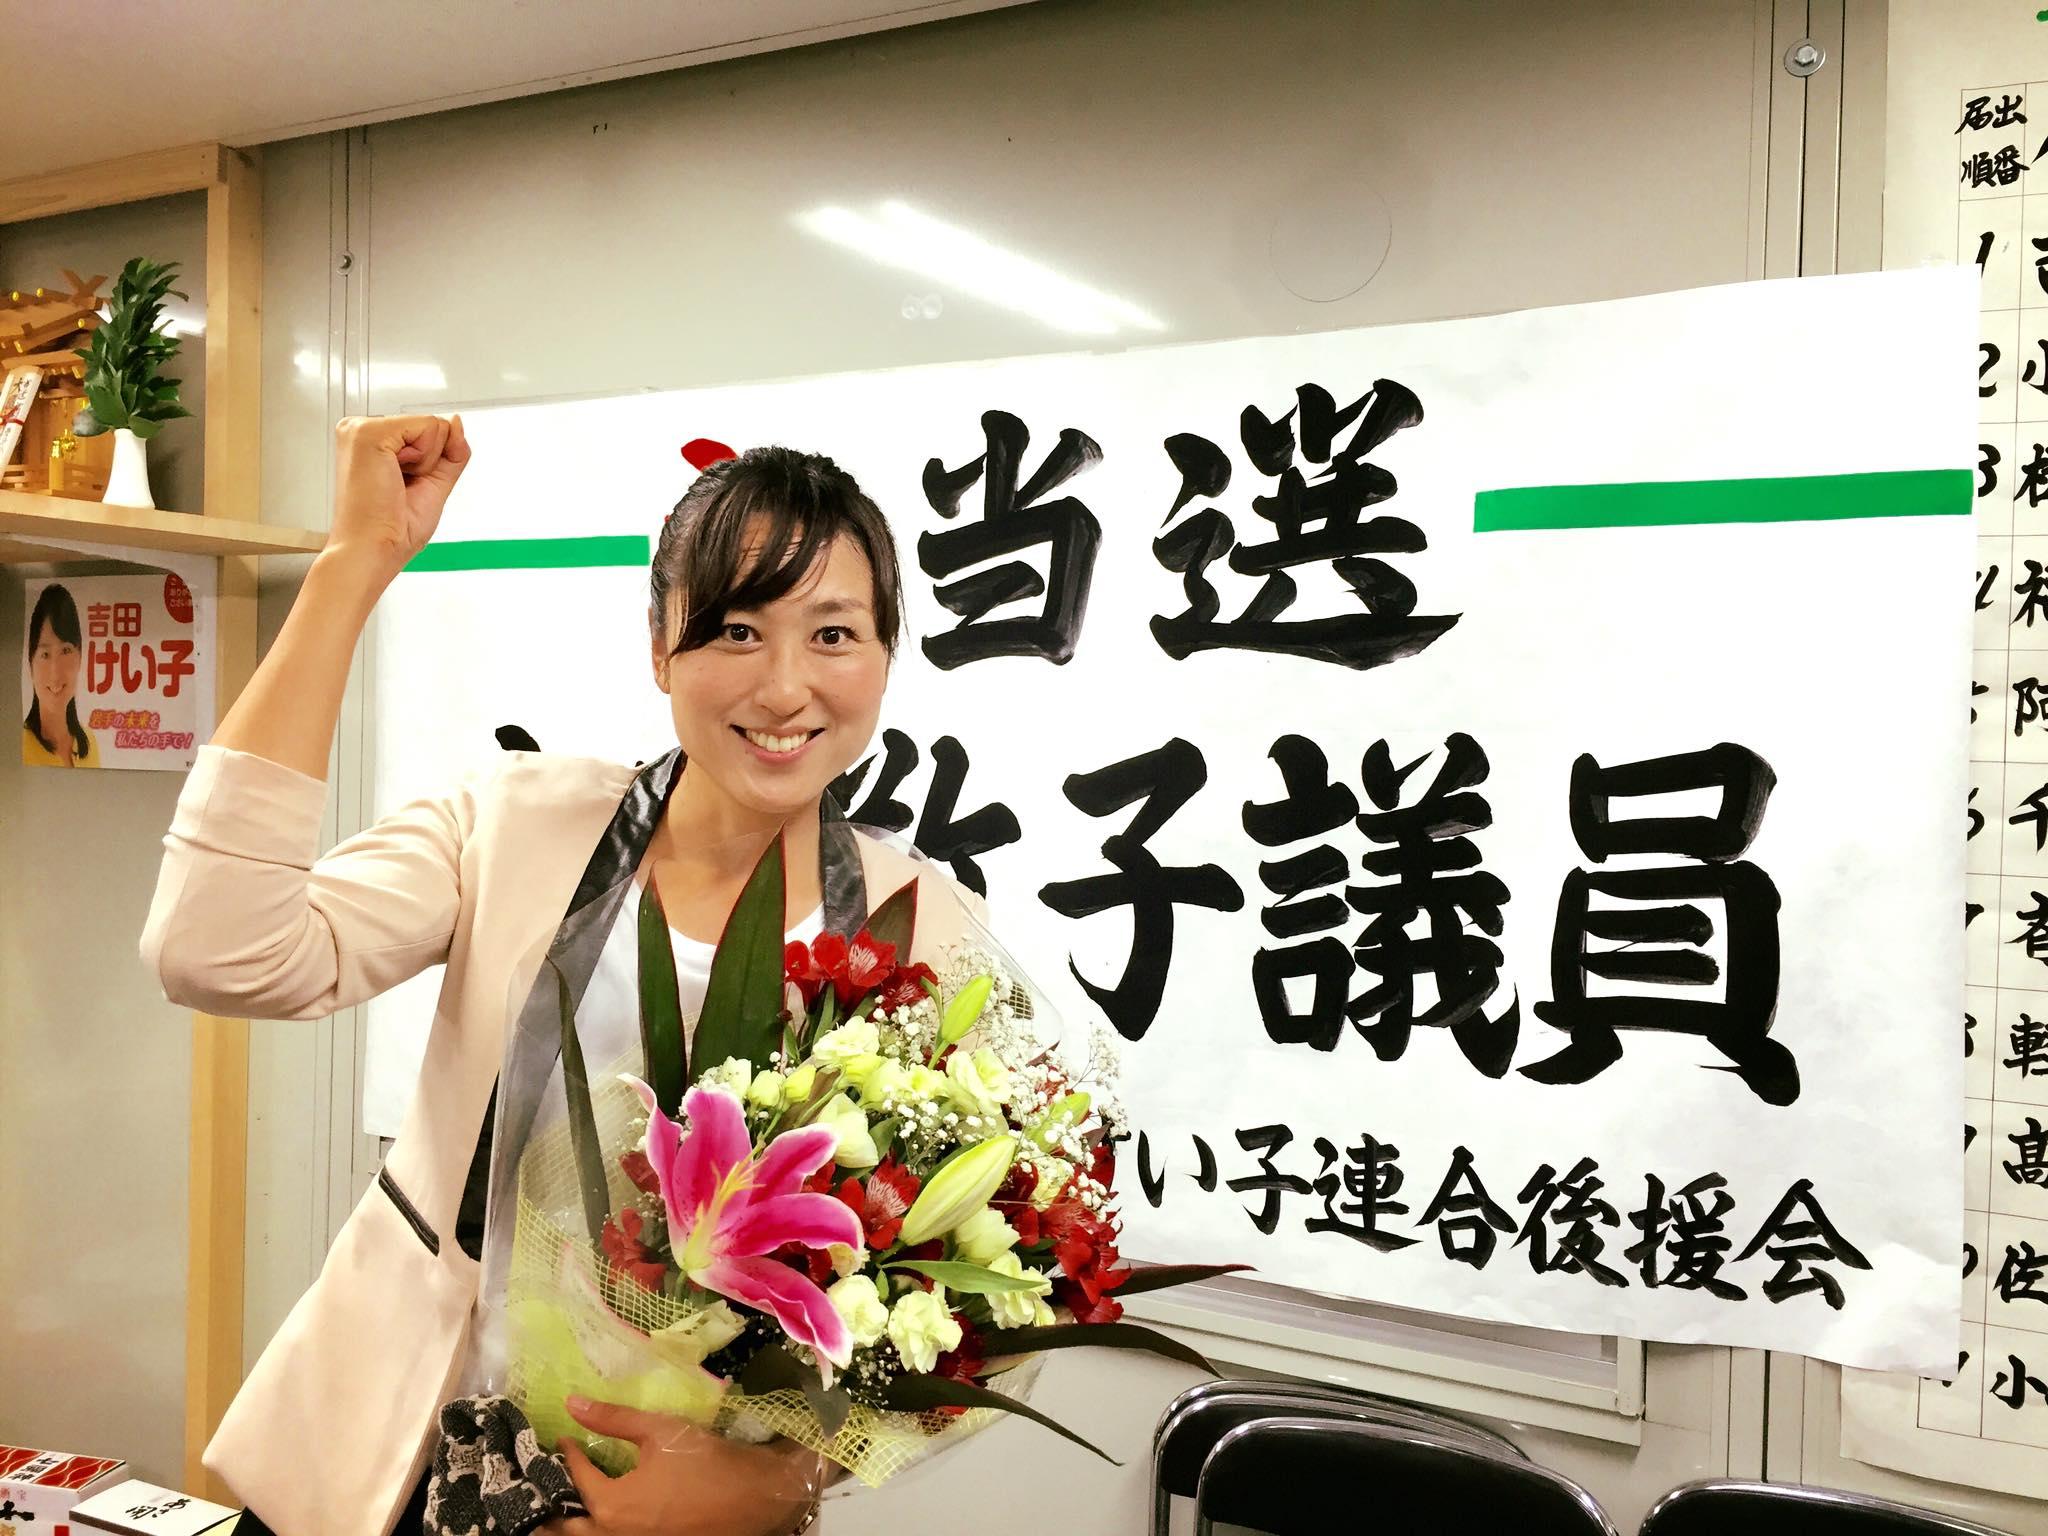 吉田けい子公式ブログ 皆さま本当にありがとうございます!_b0199244_855219.jpg